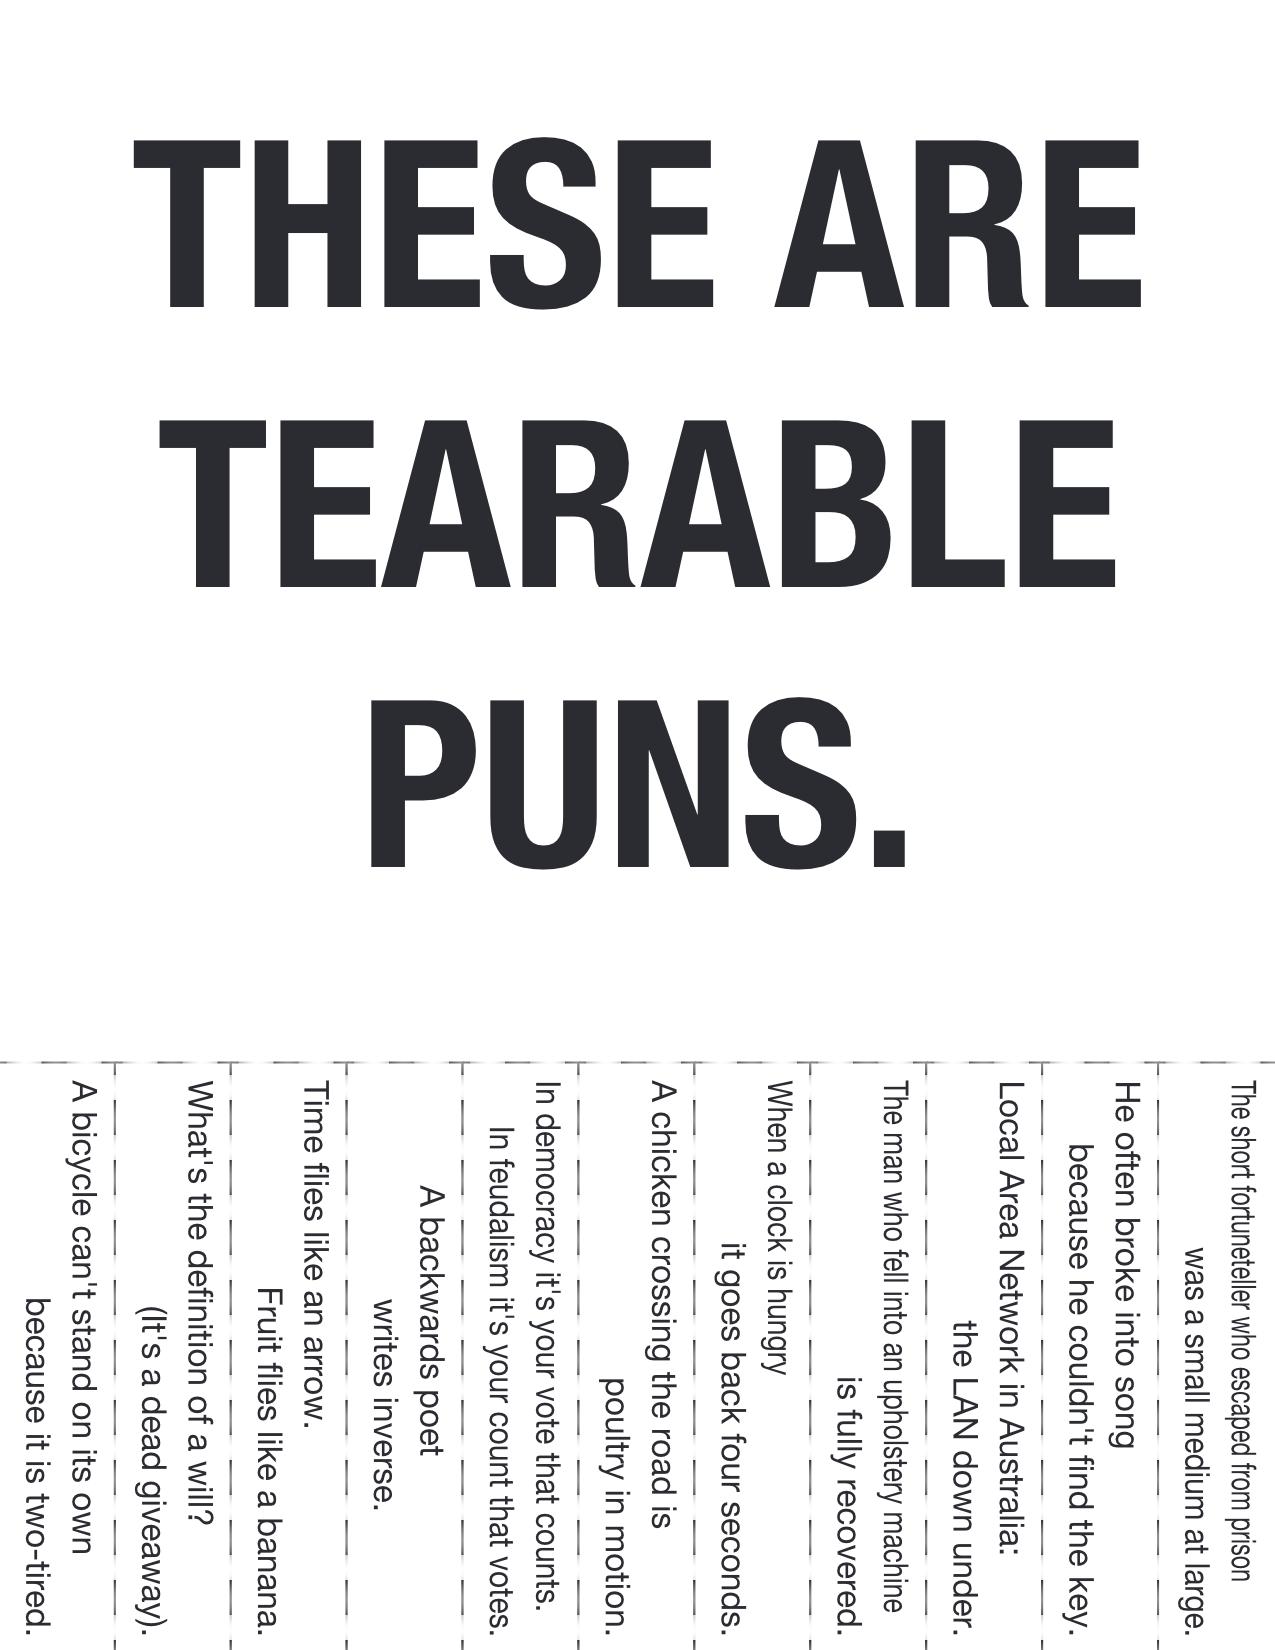 How very punny. ¿əlqɐɹɐəqun sund puıɟ ʇsnɾ noʎ ʇ,uop. THESE ARE TEARABLE Ia : Eur_ 8 mono Eam wmm 56 ms m: .. ǝsıɔɹǝxǝ ǝʞıl slǝǝɟ sıɥʇ